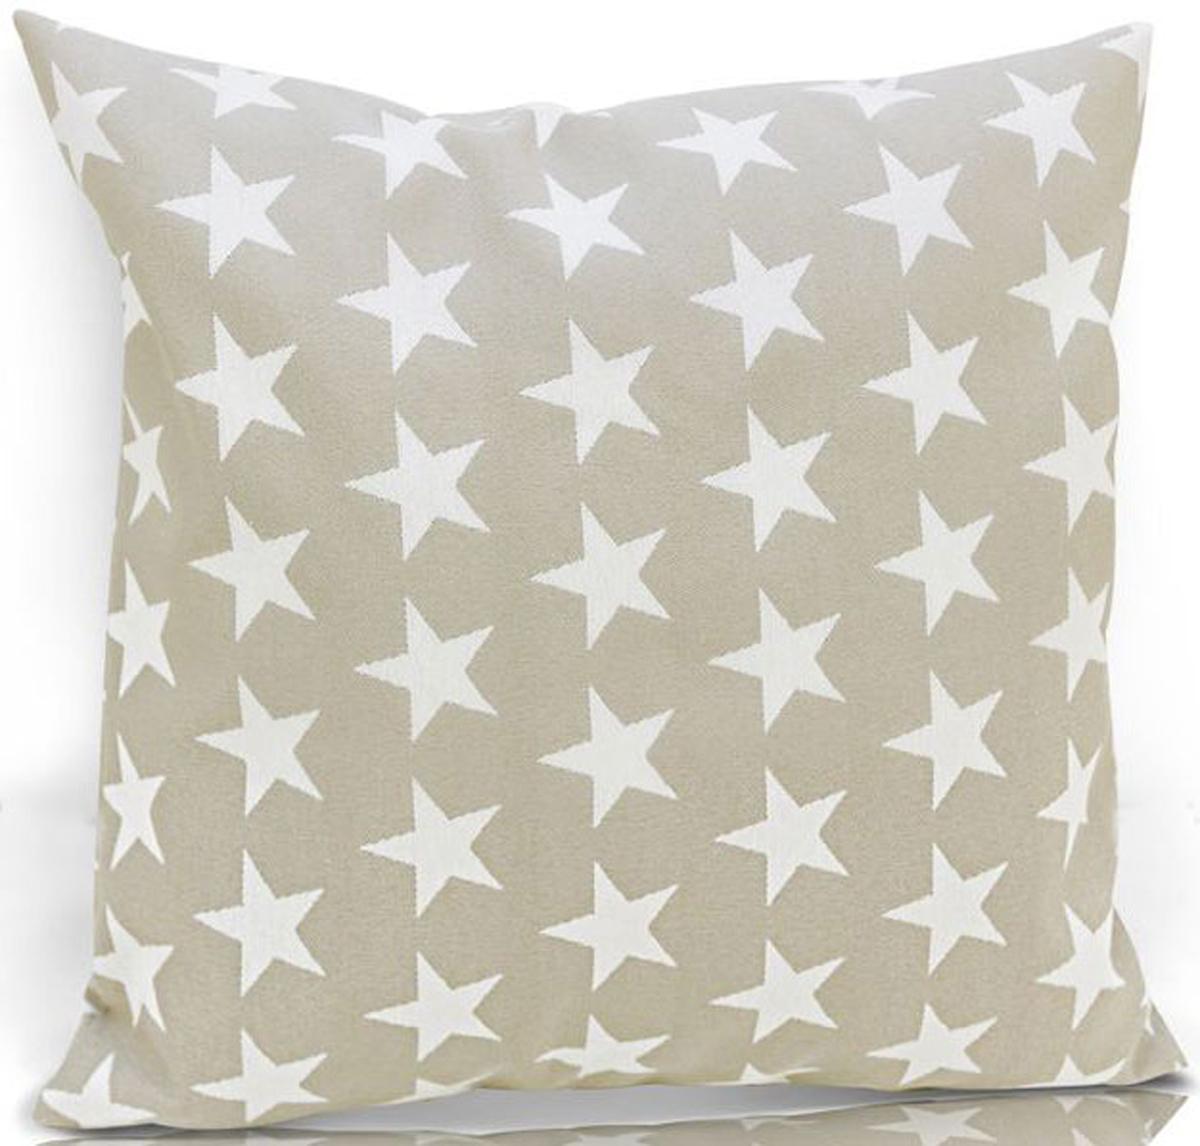 """Декоративная подушка KauffOrt """"Дели"""" - это аксессуар, способный украсить и оживить интерьер любой комнаты. С ее помощью, вы сможете подчеркнуть общее стилистическое решение комнаты и грамотно расставить цветовые акценты. Дополните ваш диван или кровать этой подушкой, и привычная мебель станет еще уютнее, чем раньше. При этом такое изделие может стать хорошим подарком близкому человеку. Компактные размеры декоративной подушки позволяют использовать ее не только в помещении, но и брать с собой в дорогу. Чехол подушки выполнен из жаккарда и украшен стильным рисунком. В качестве наполнителя выступает, скрепленный термостежкой холлофайбер.  Размер: 40 х 40 см."""